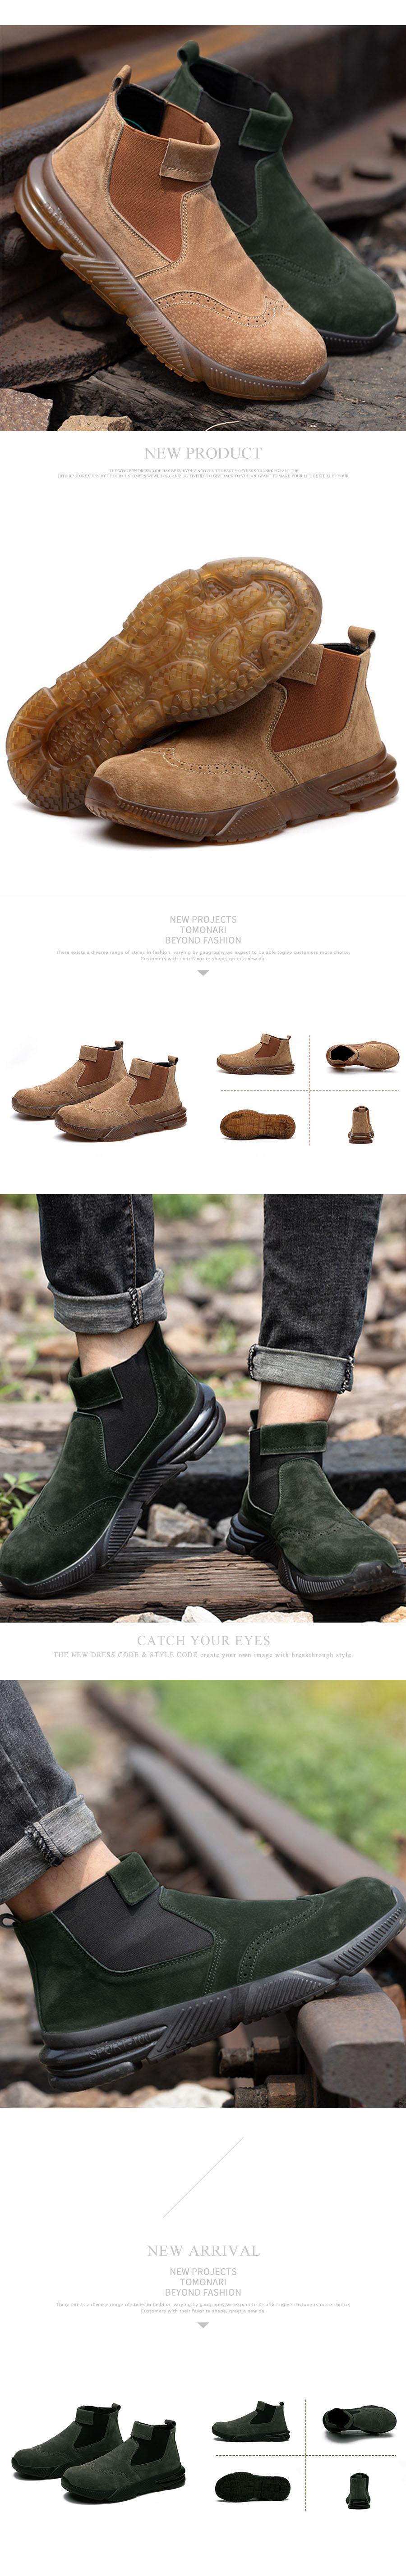 防砸防刺穿.舒適時尚皮革靴